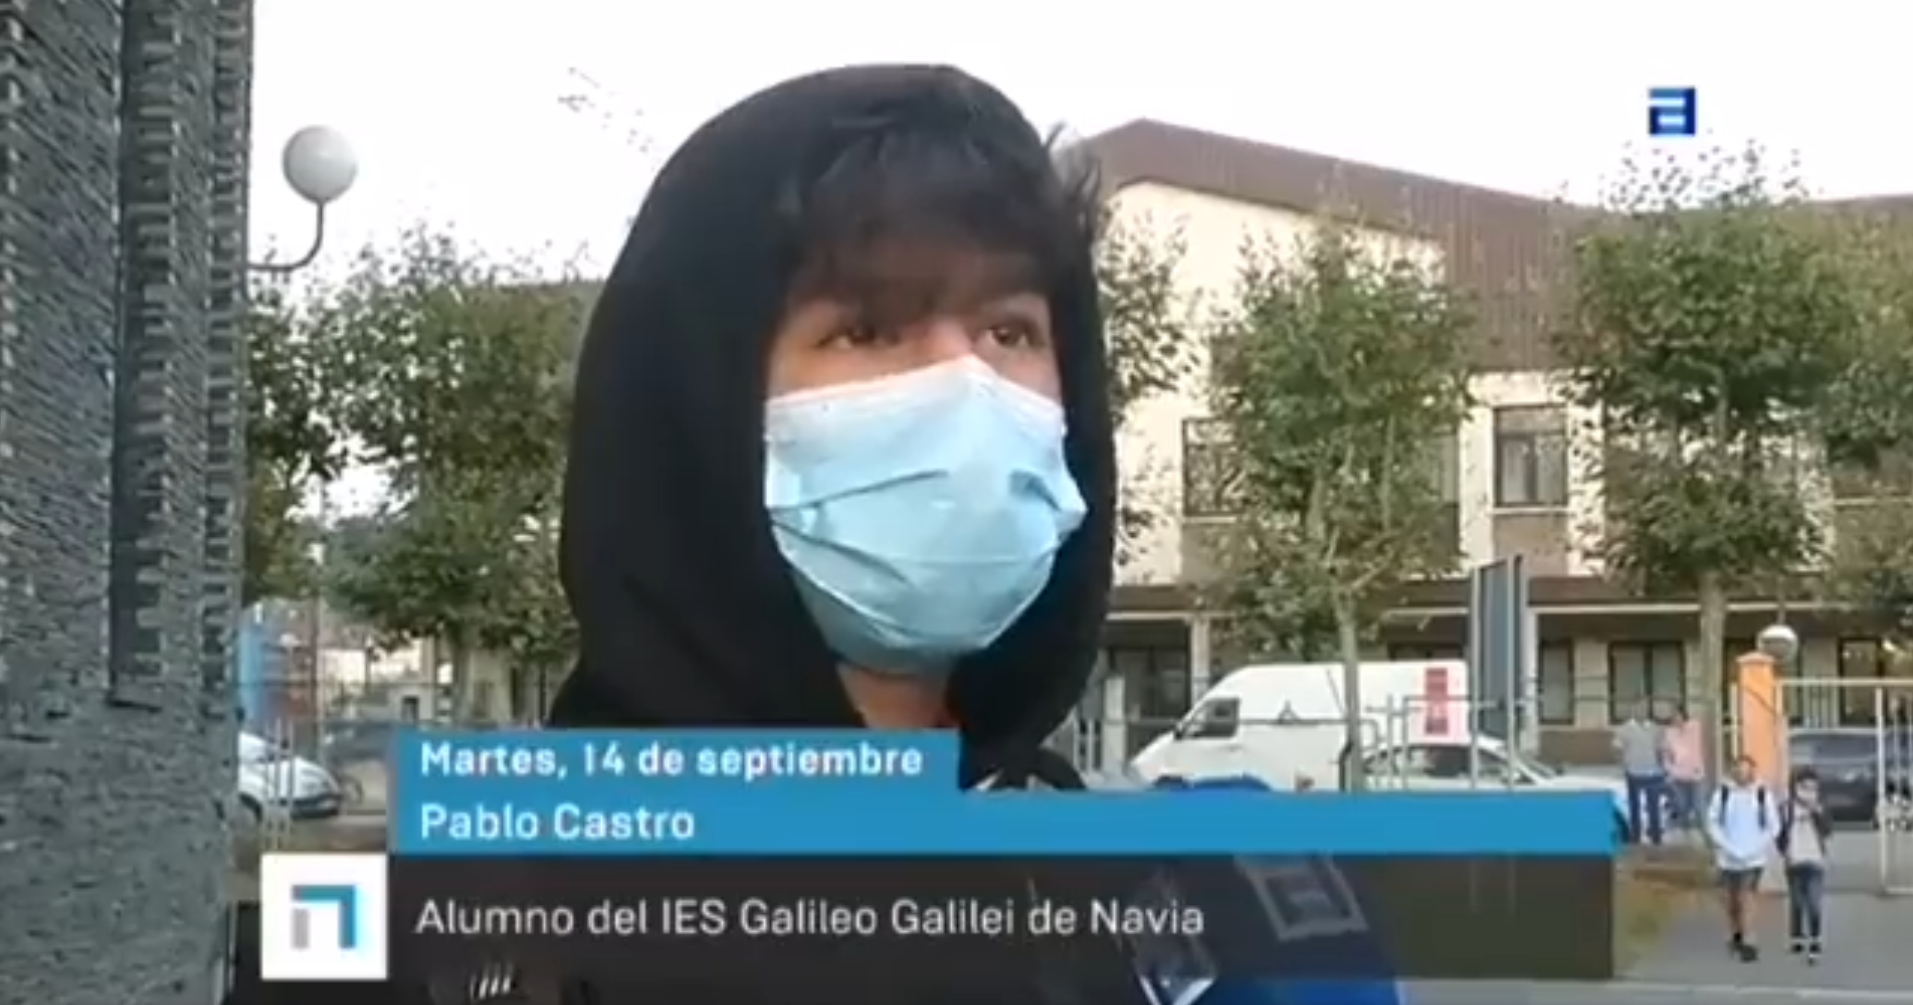 Pablo Castro, estudiante del IES Galileo Galilei de Navia.